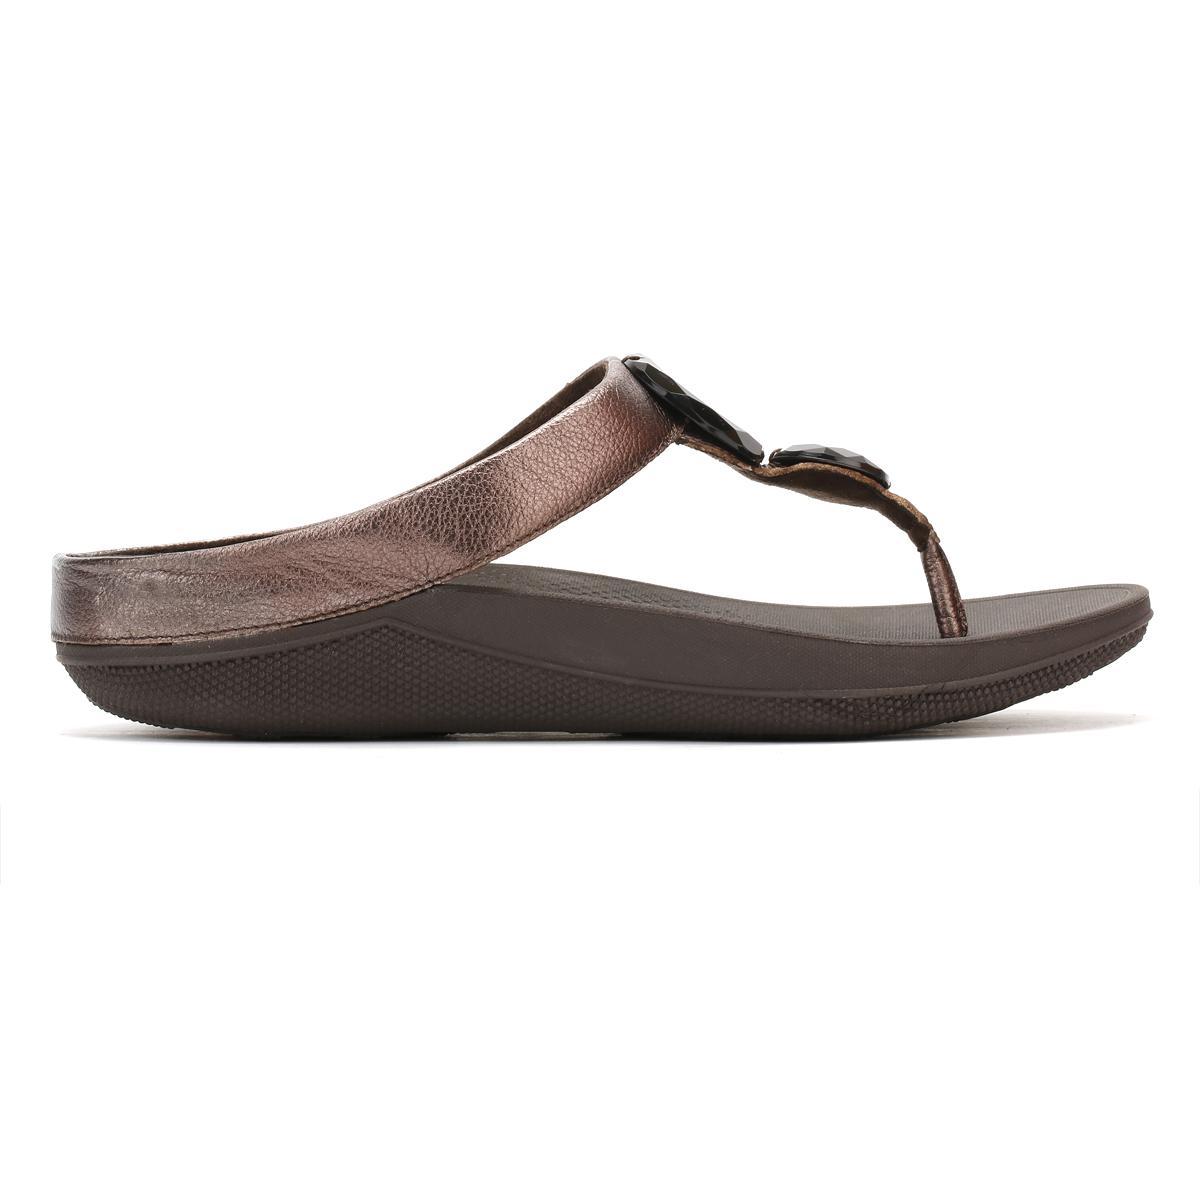 e51251a7cc5d Lyst - Fitflop Womens Bronze Luna Pop Sandals in Brown